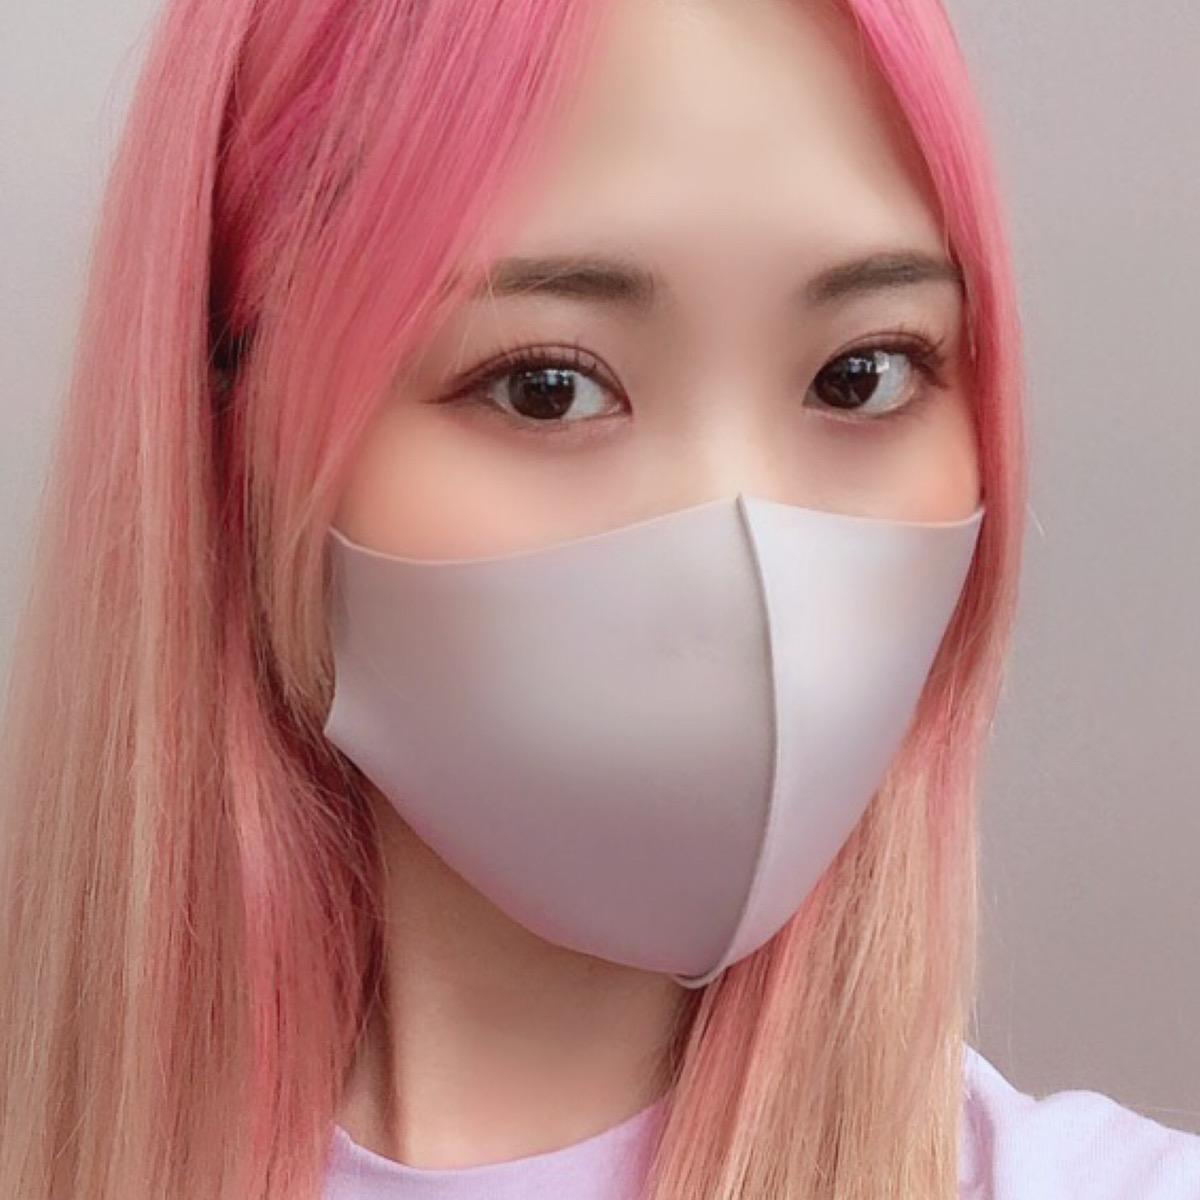 ピッタマスク 付け方